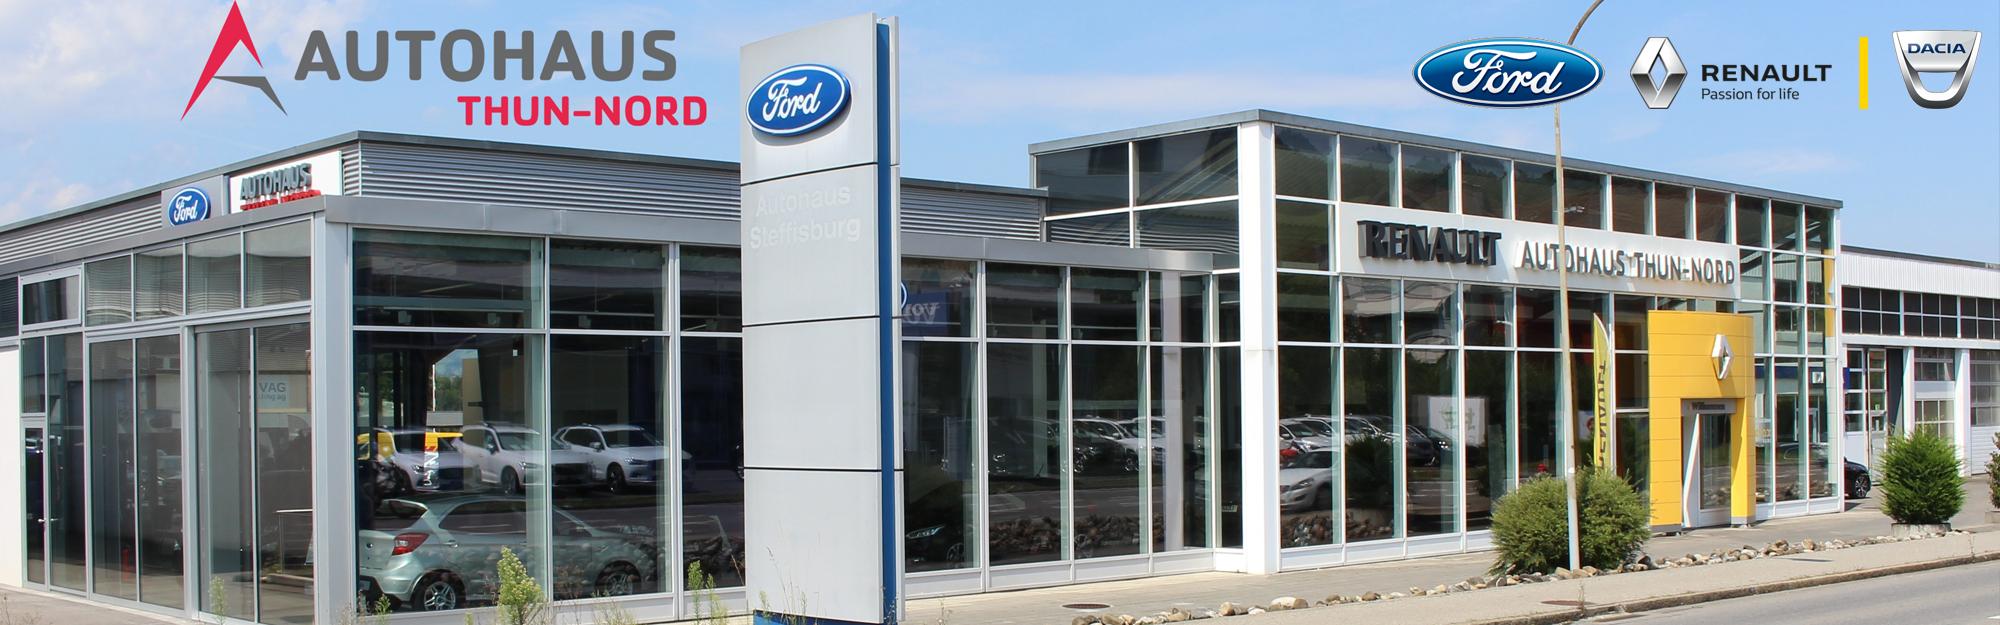 Autohaus Thun Nord - Team Verkauf Werkstatt Ford * Renault * Dacia - Team - Autohaus Thun Nord